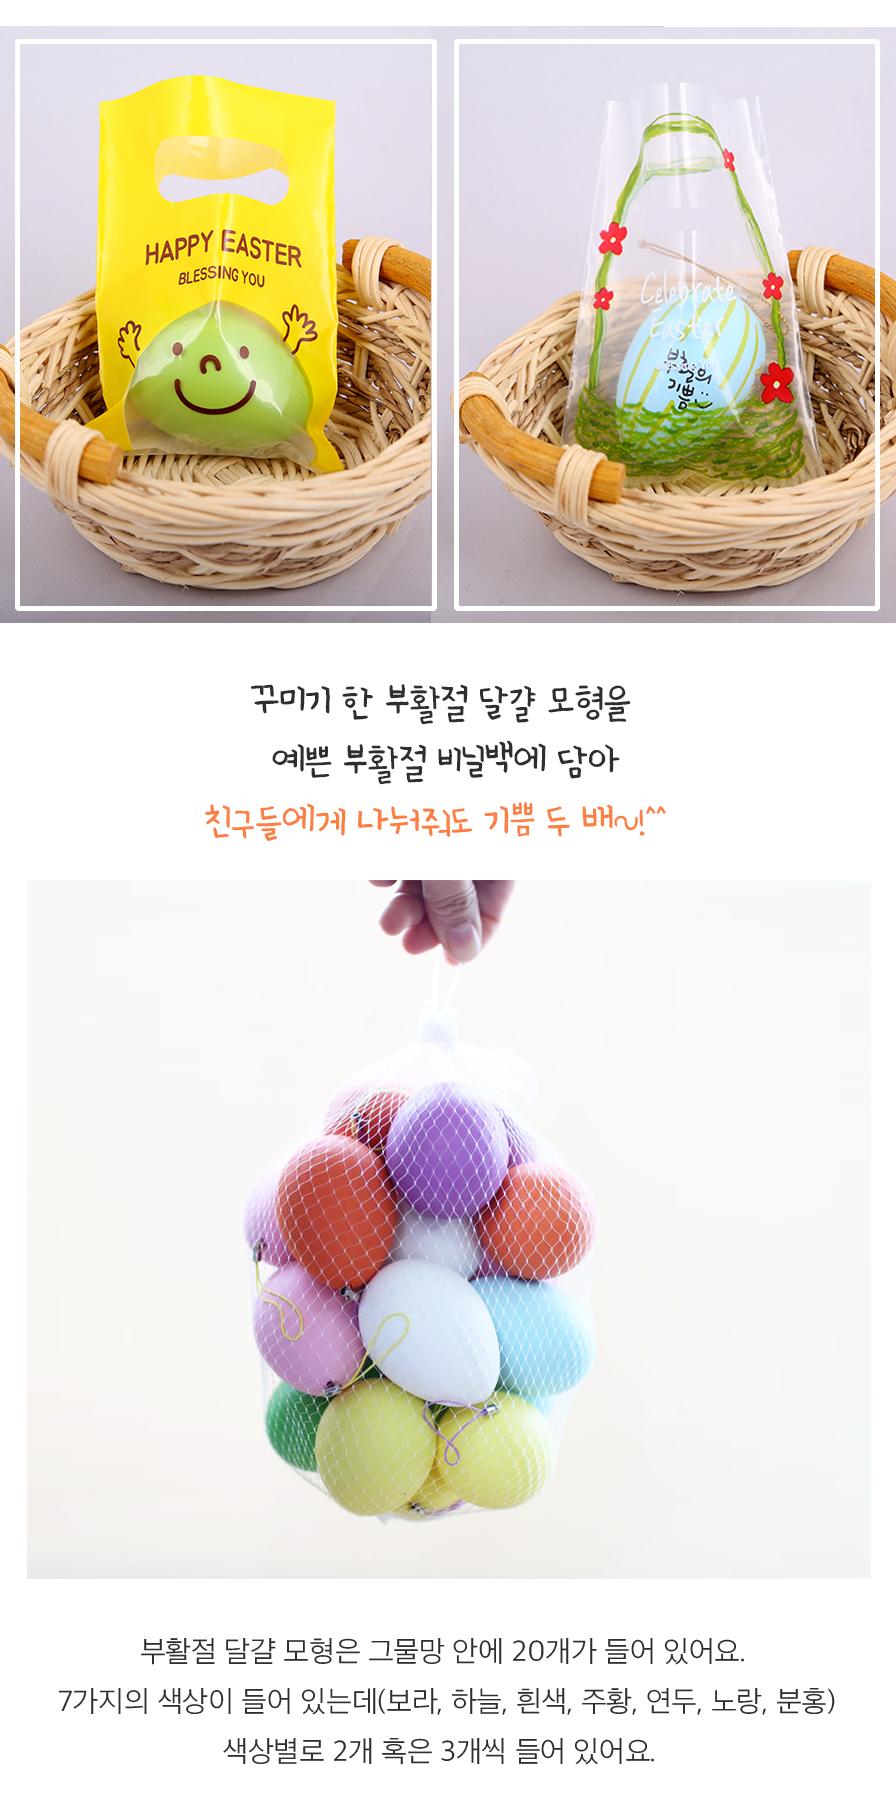 부활절 교회장식 달걀모형 20개 1세트 (7색) 색상 별로 2개 또는 3개씩 그물망 안에 모두 20개가 들어 있어요